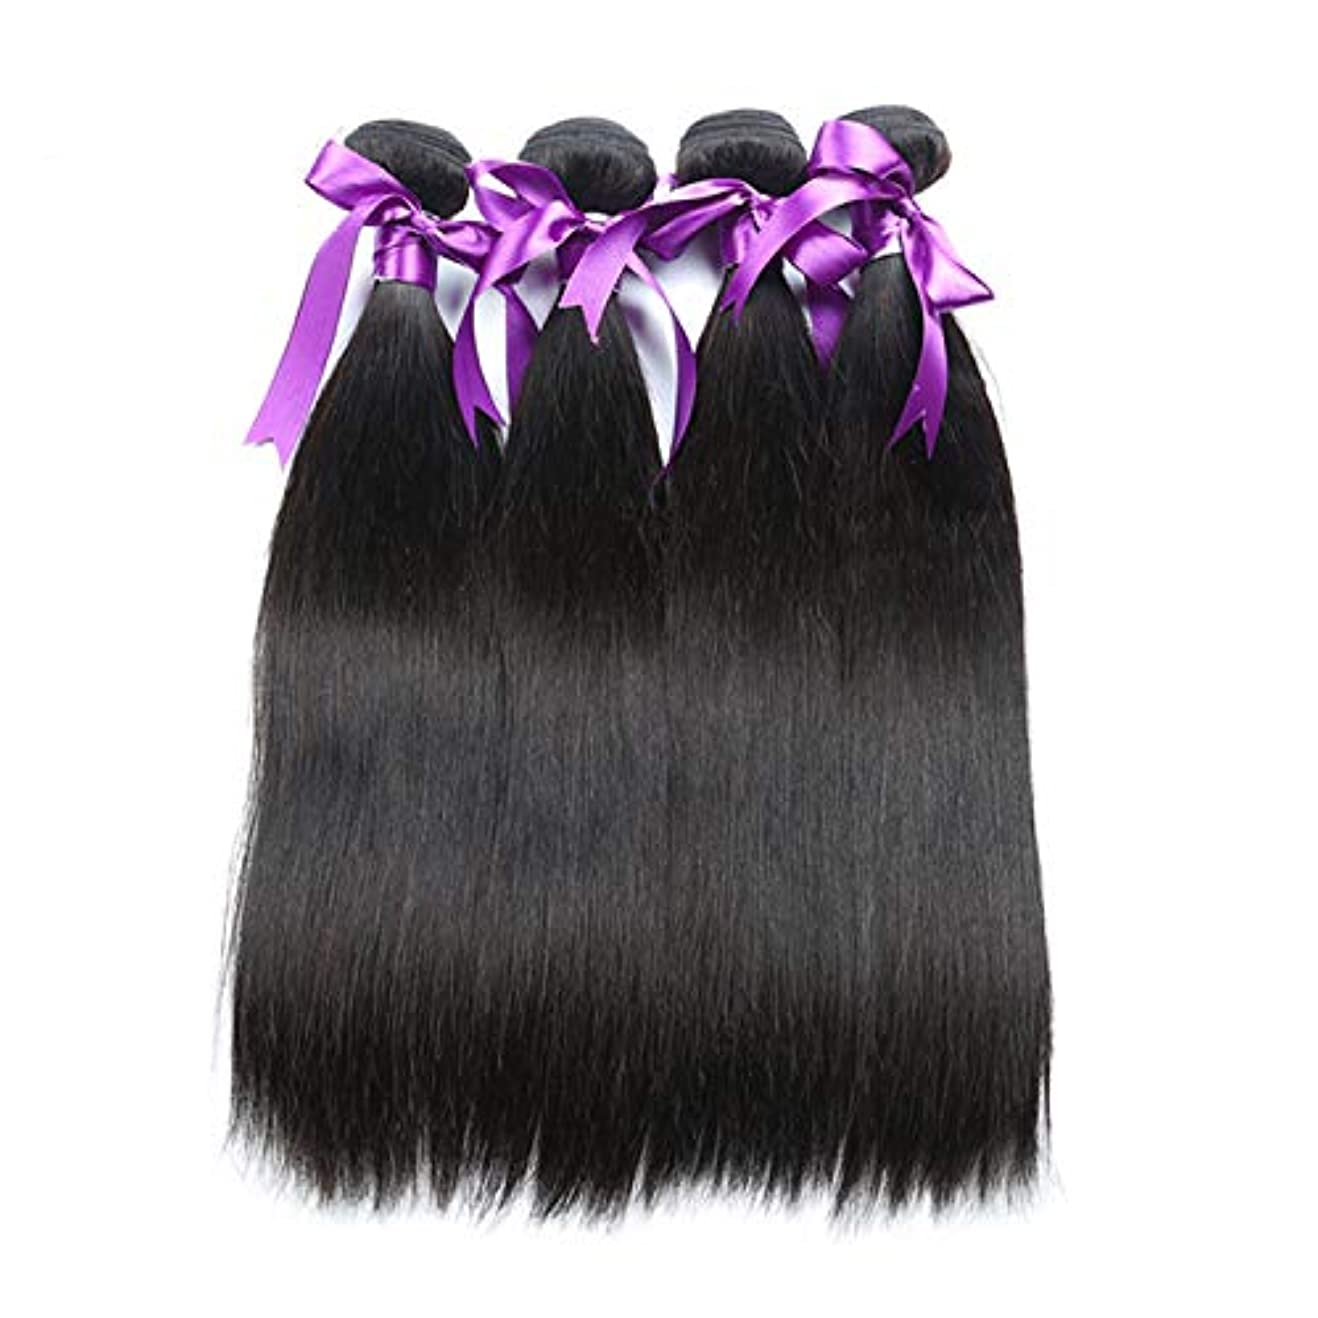 ハイキングに行く対処サロンかつら マレーシアのストレートヘア4本の人間の髪の束非レミーの毛の延長天然黒体毛髪のかつら (Length : 8 8 10 10)